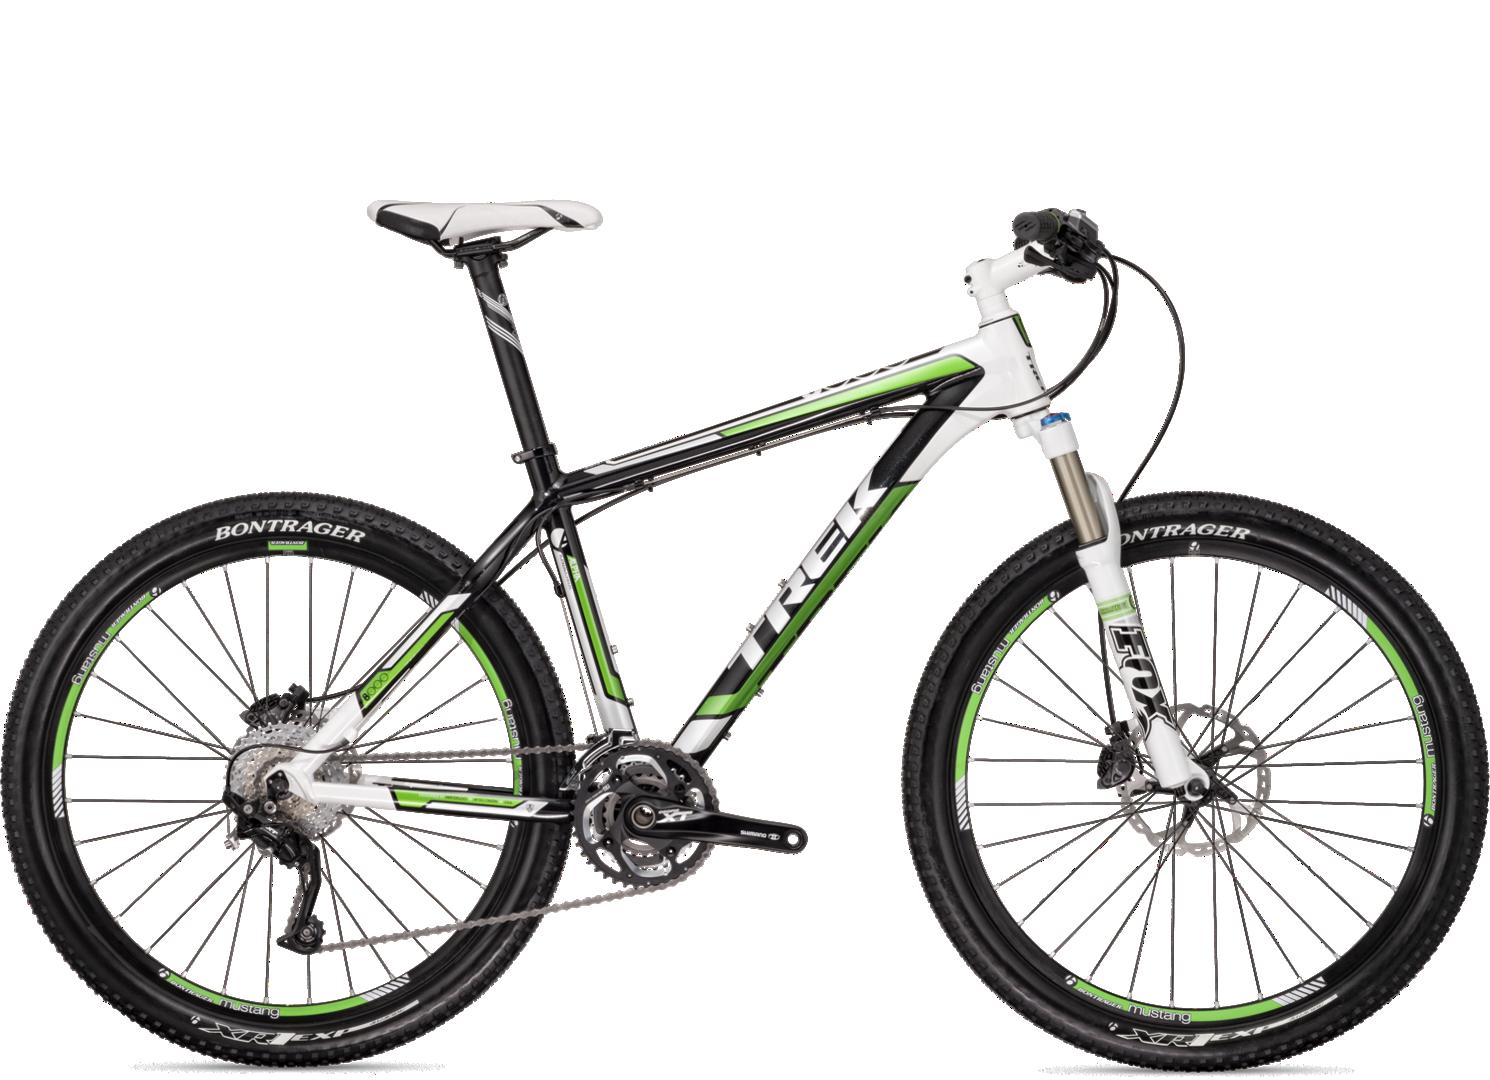 2012 8000 - Bike Archive - Trek Bicycle